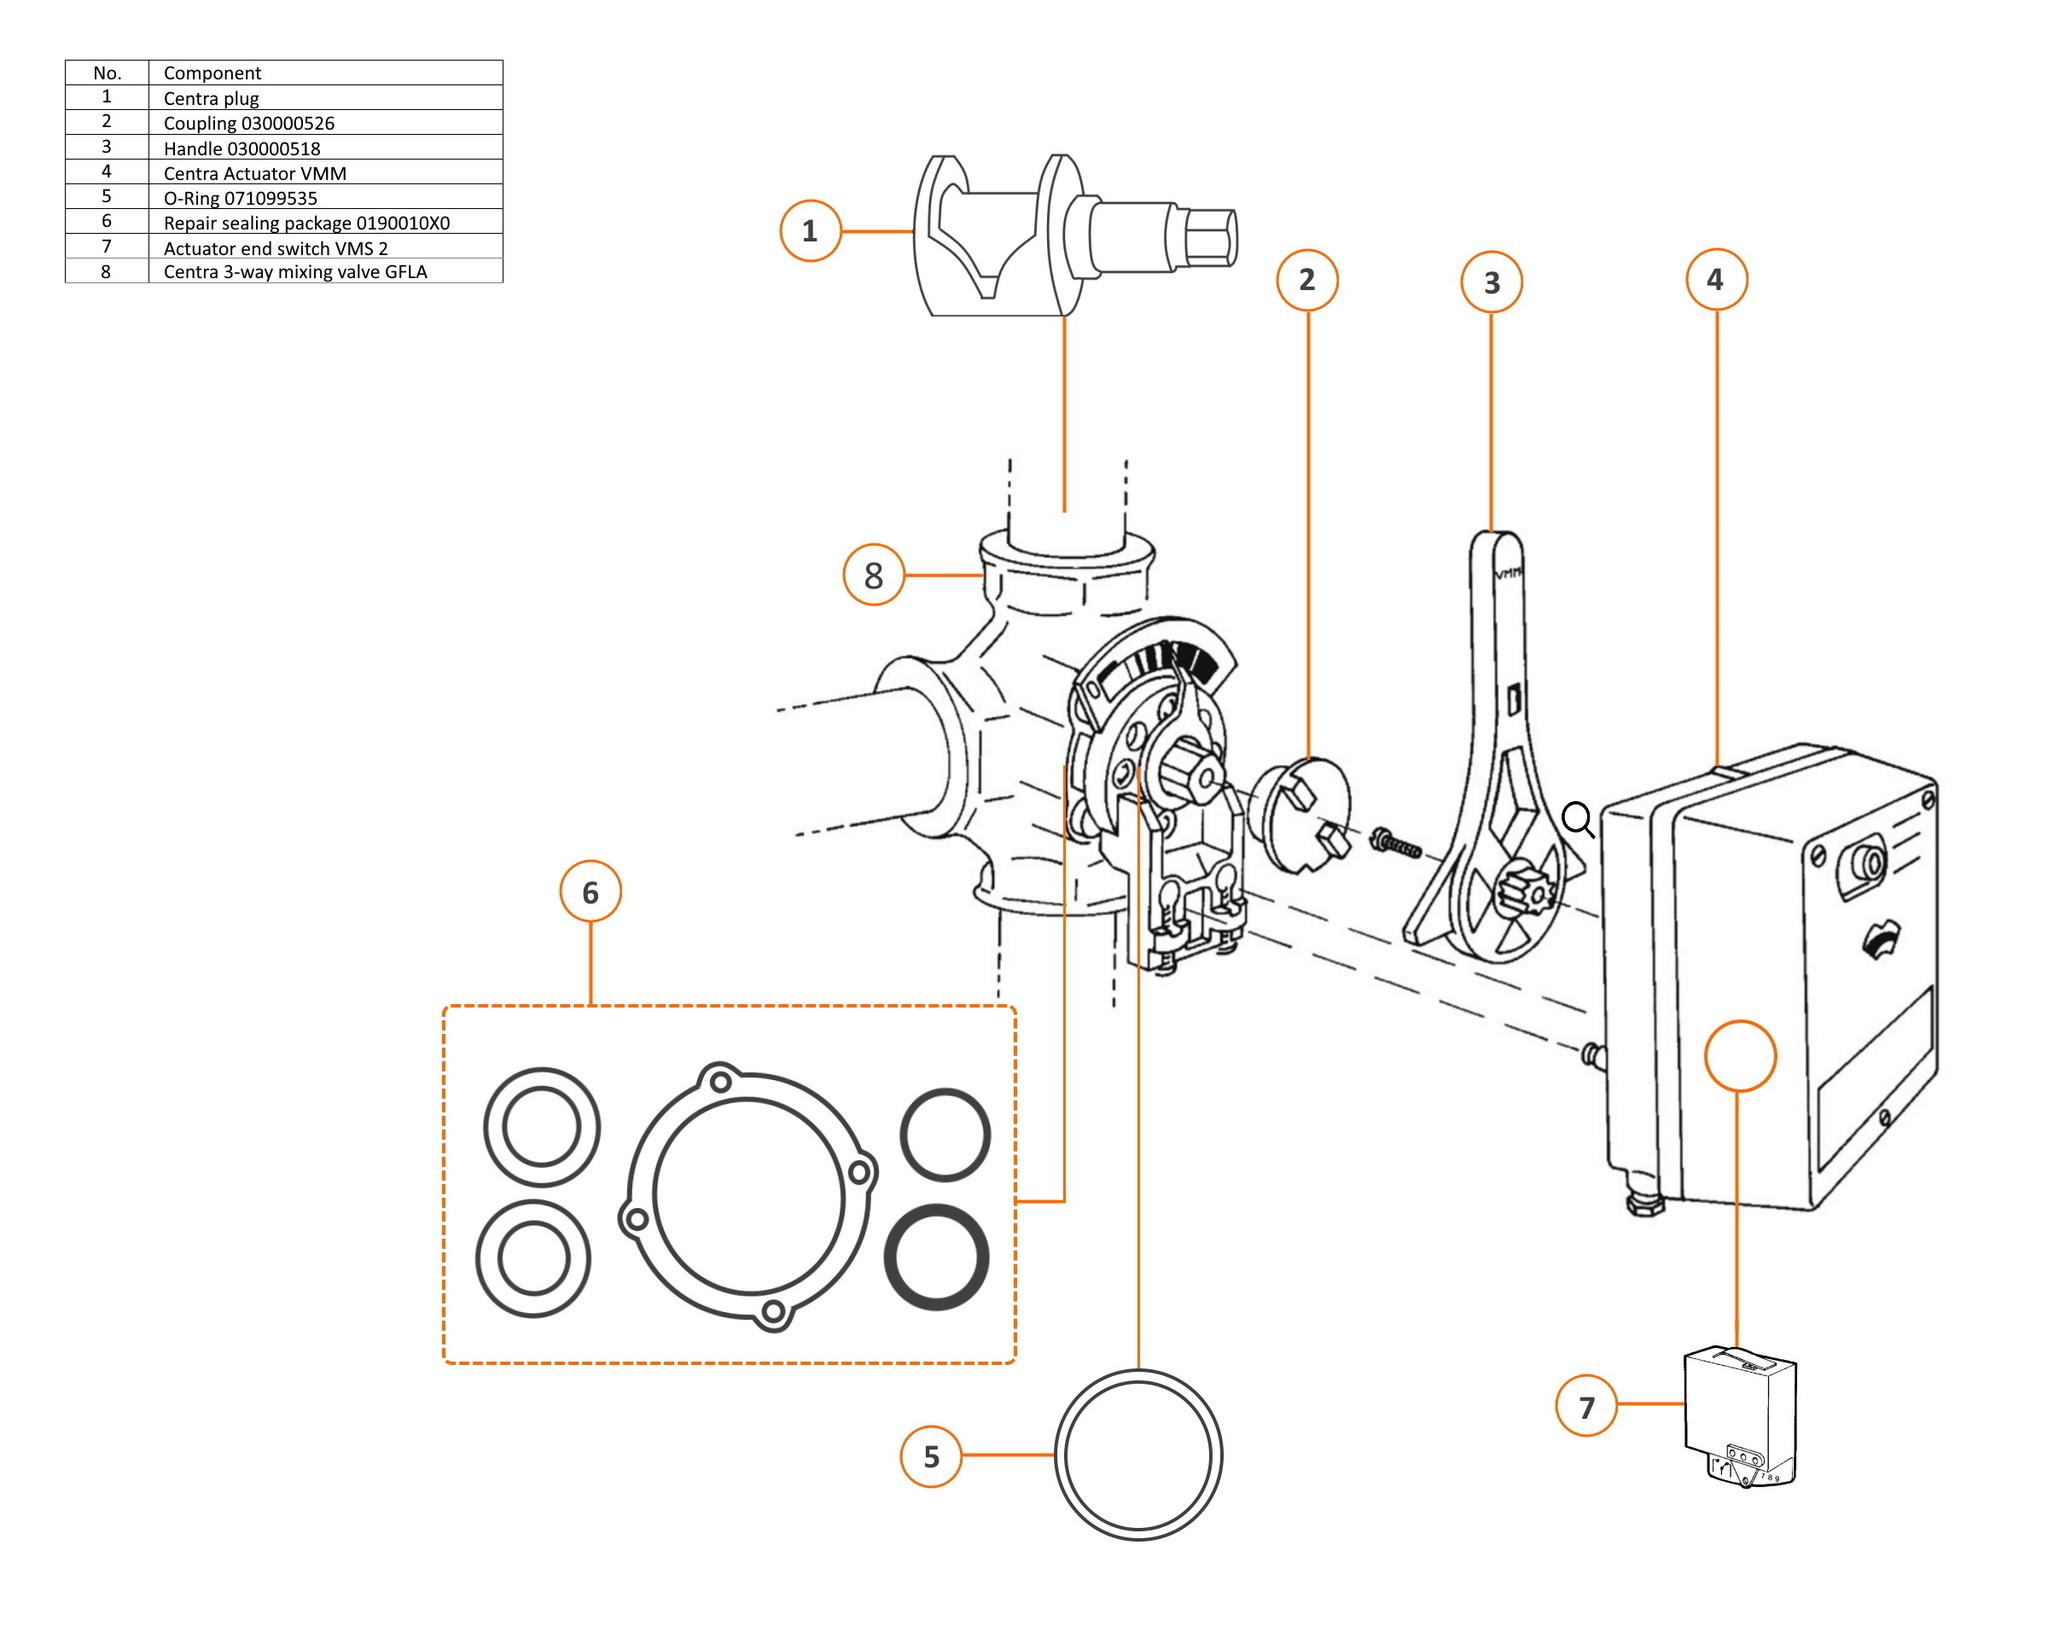 Centra 3 Way Mixing Valve Dr 25 T M 200 Gfla